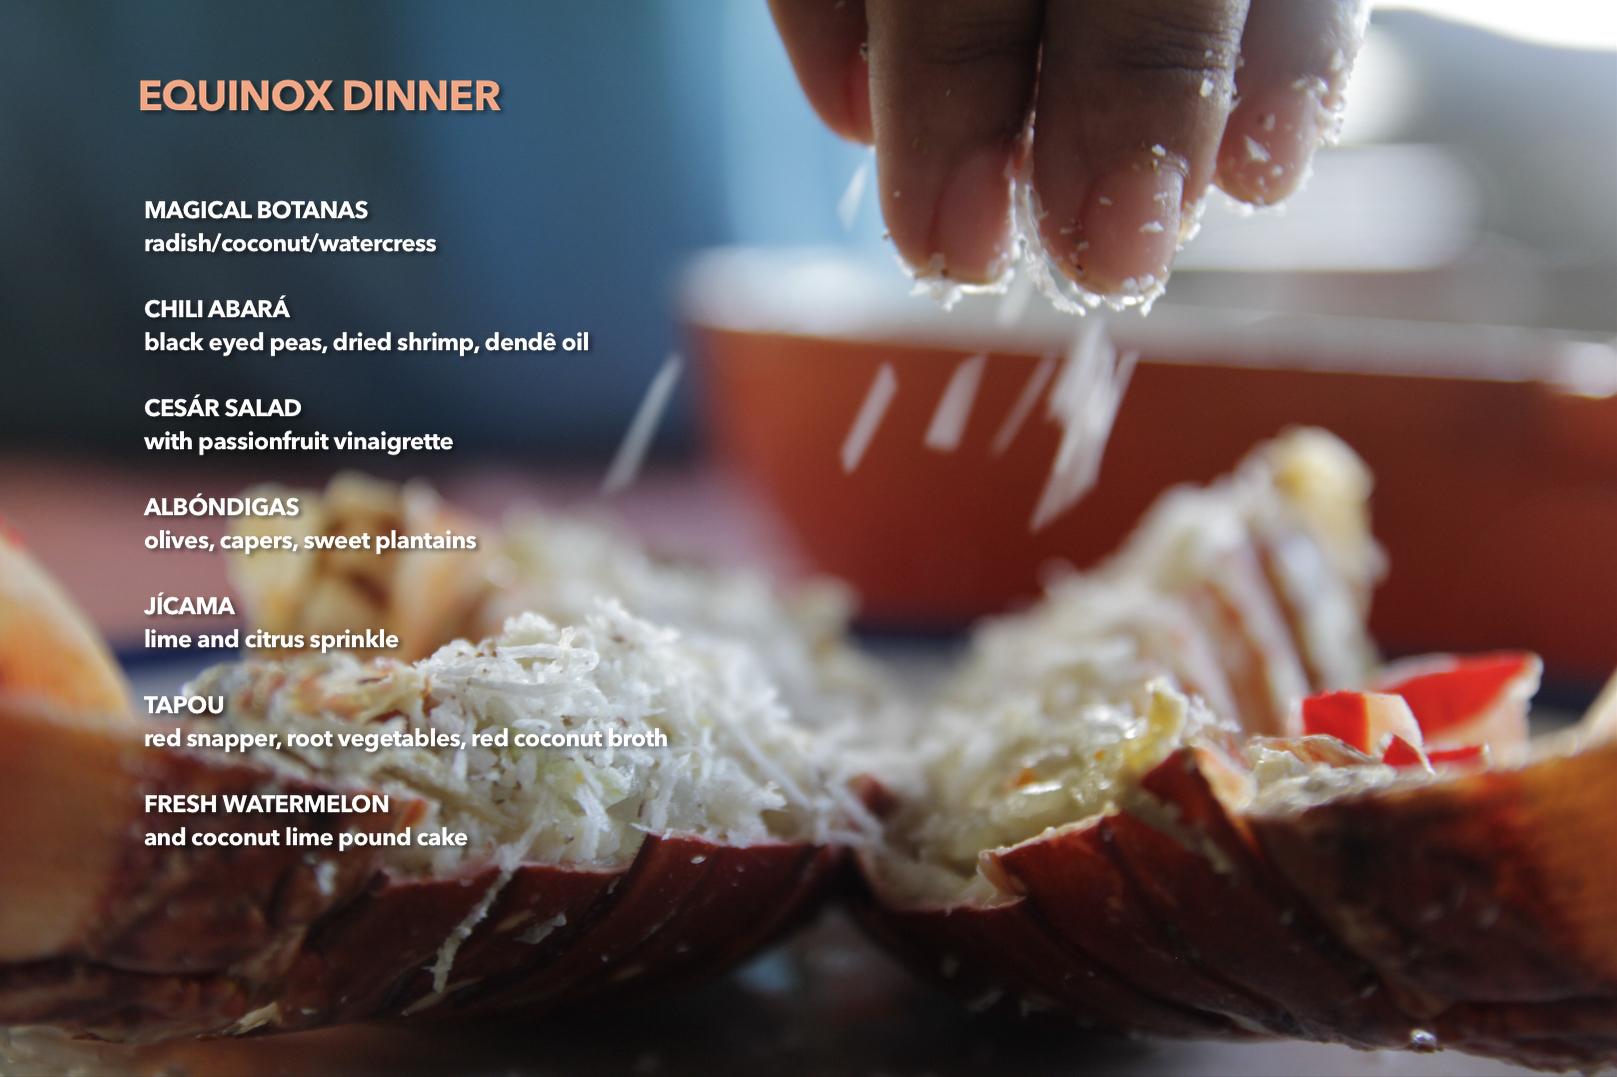 paloma menu - equinox dinner (1).jpg